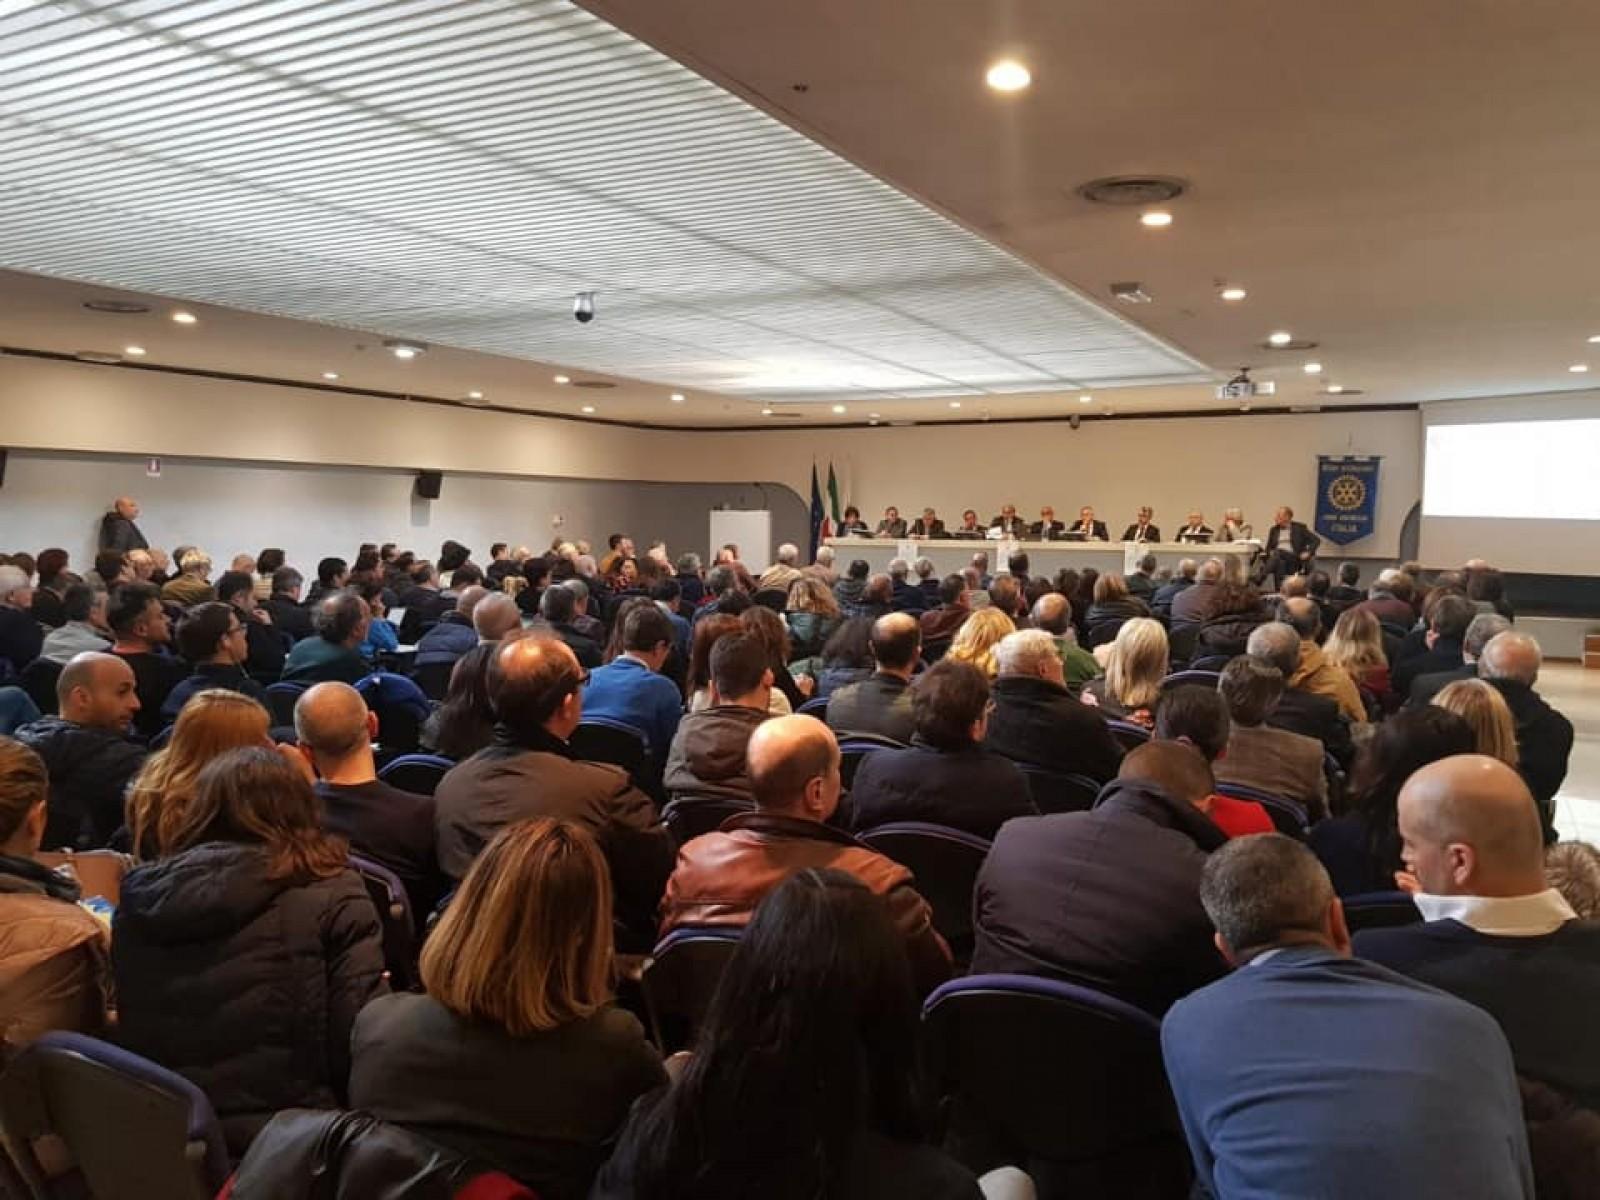 Gallery - Etica & Deontologia: evoluzione critica negli Ordini Professionali